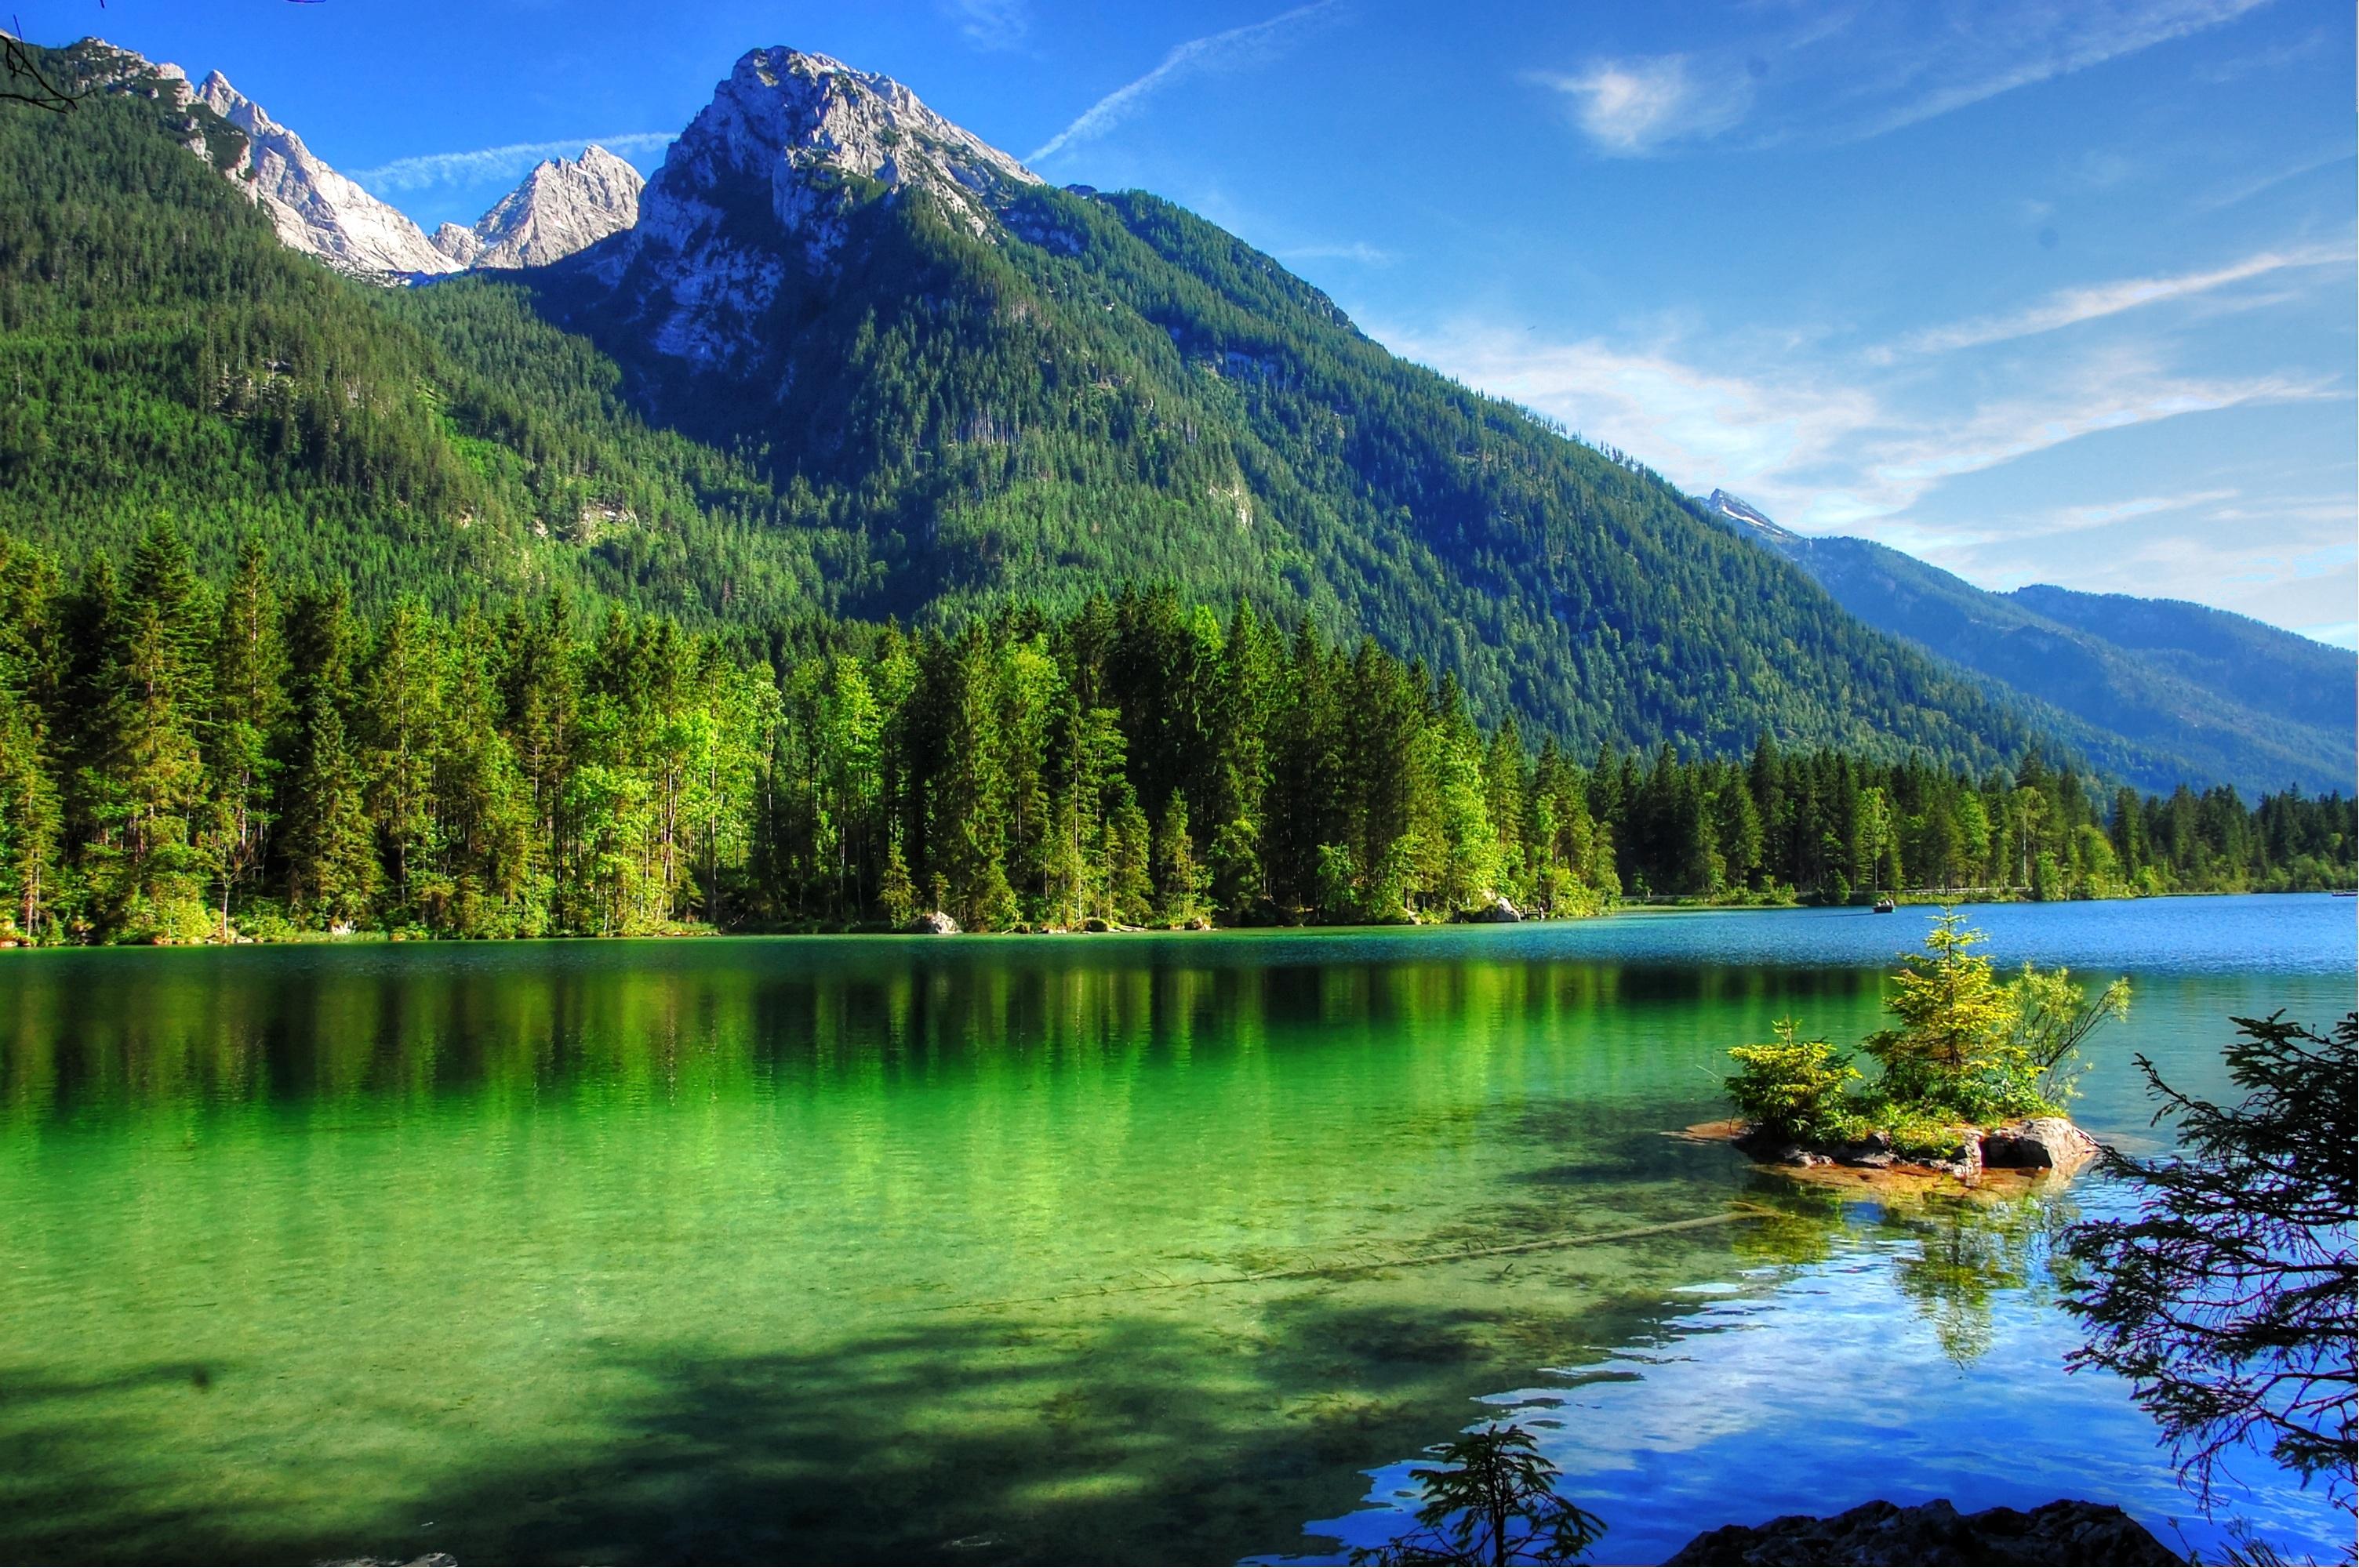 127476 скачать обои Горы, Лето, Умиротворение, Природа, Озеро - заставки и картинки бесплатно